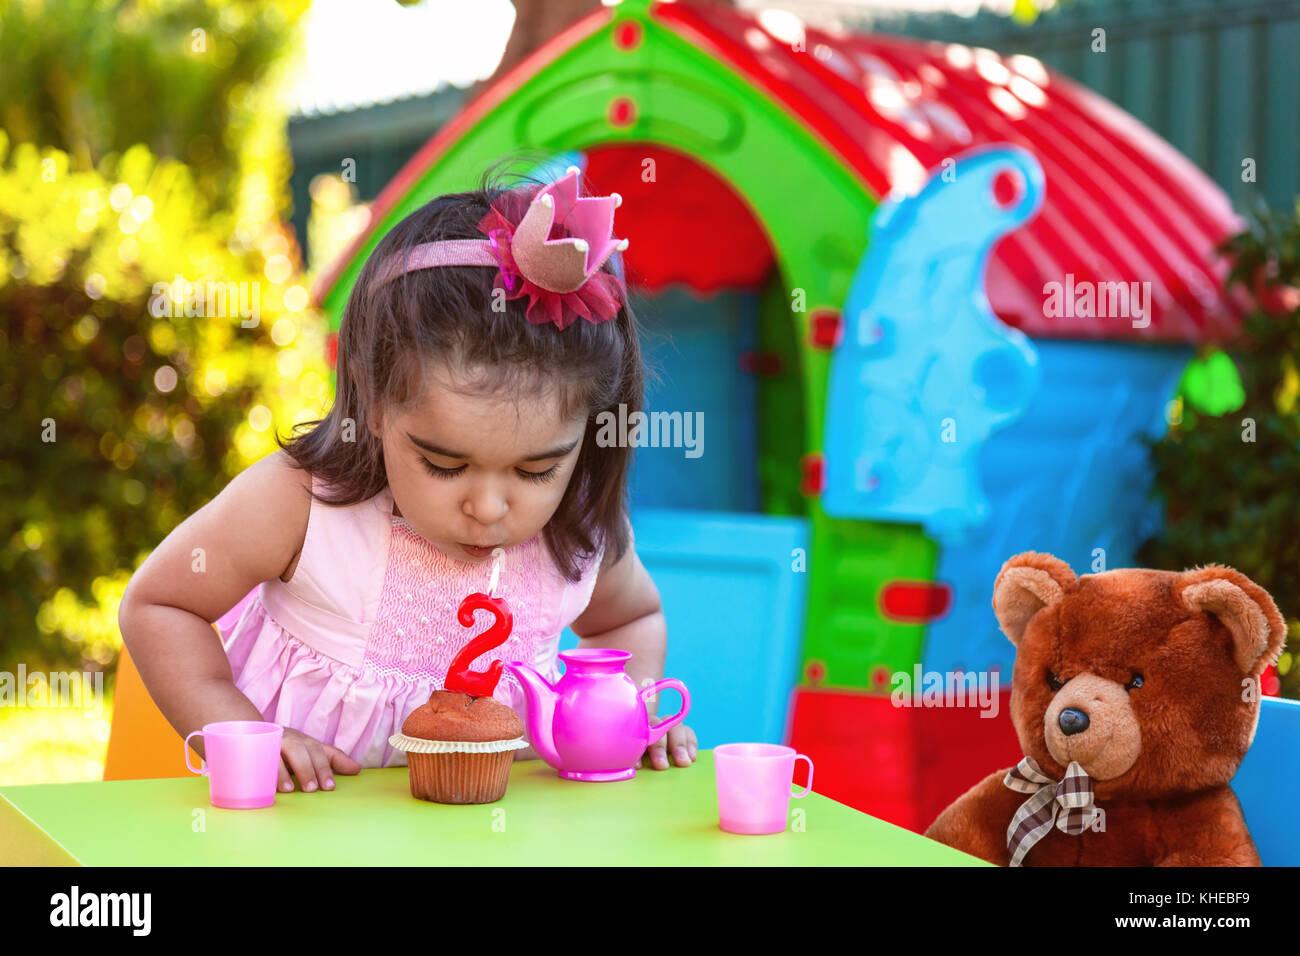 Baby toddler girl in outdoor seconda festa di compleanno soffiando candela su pirottini. orsacchiotto come migliore Immagini Stock